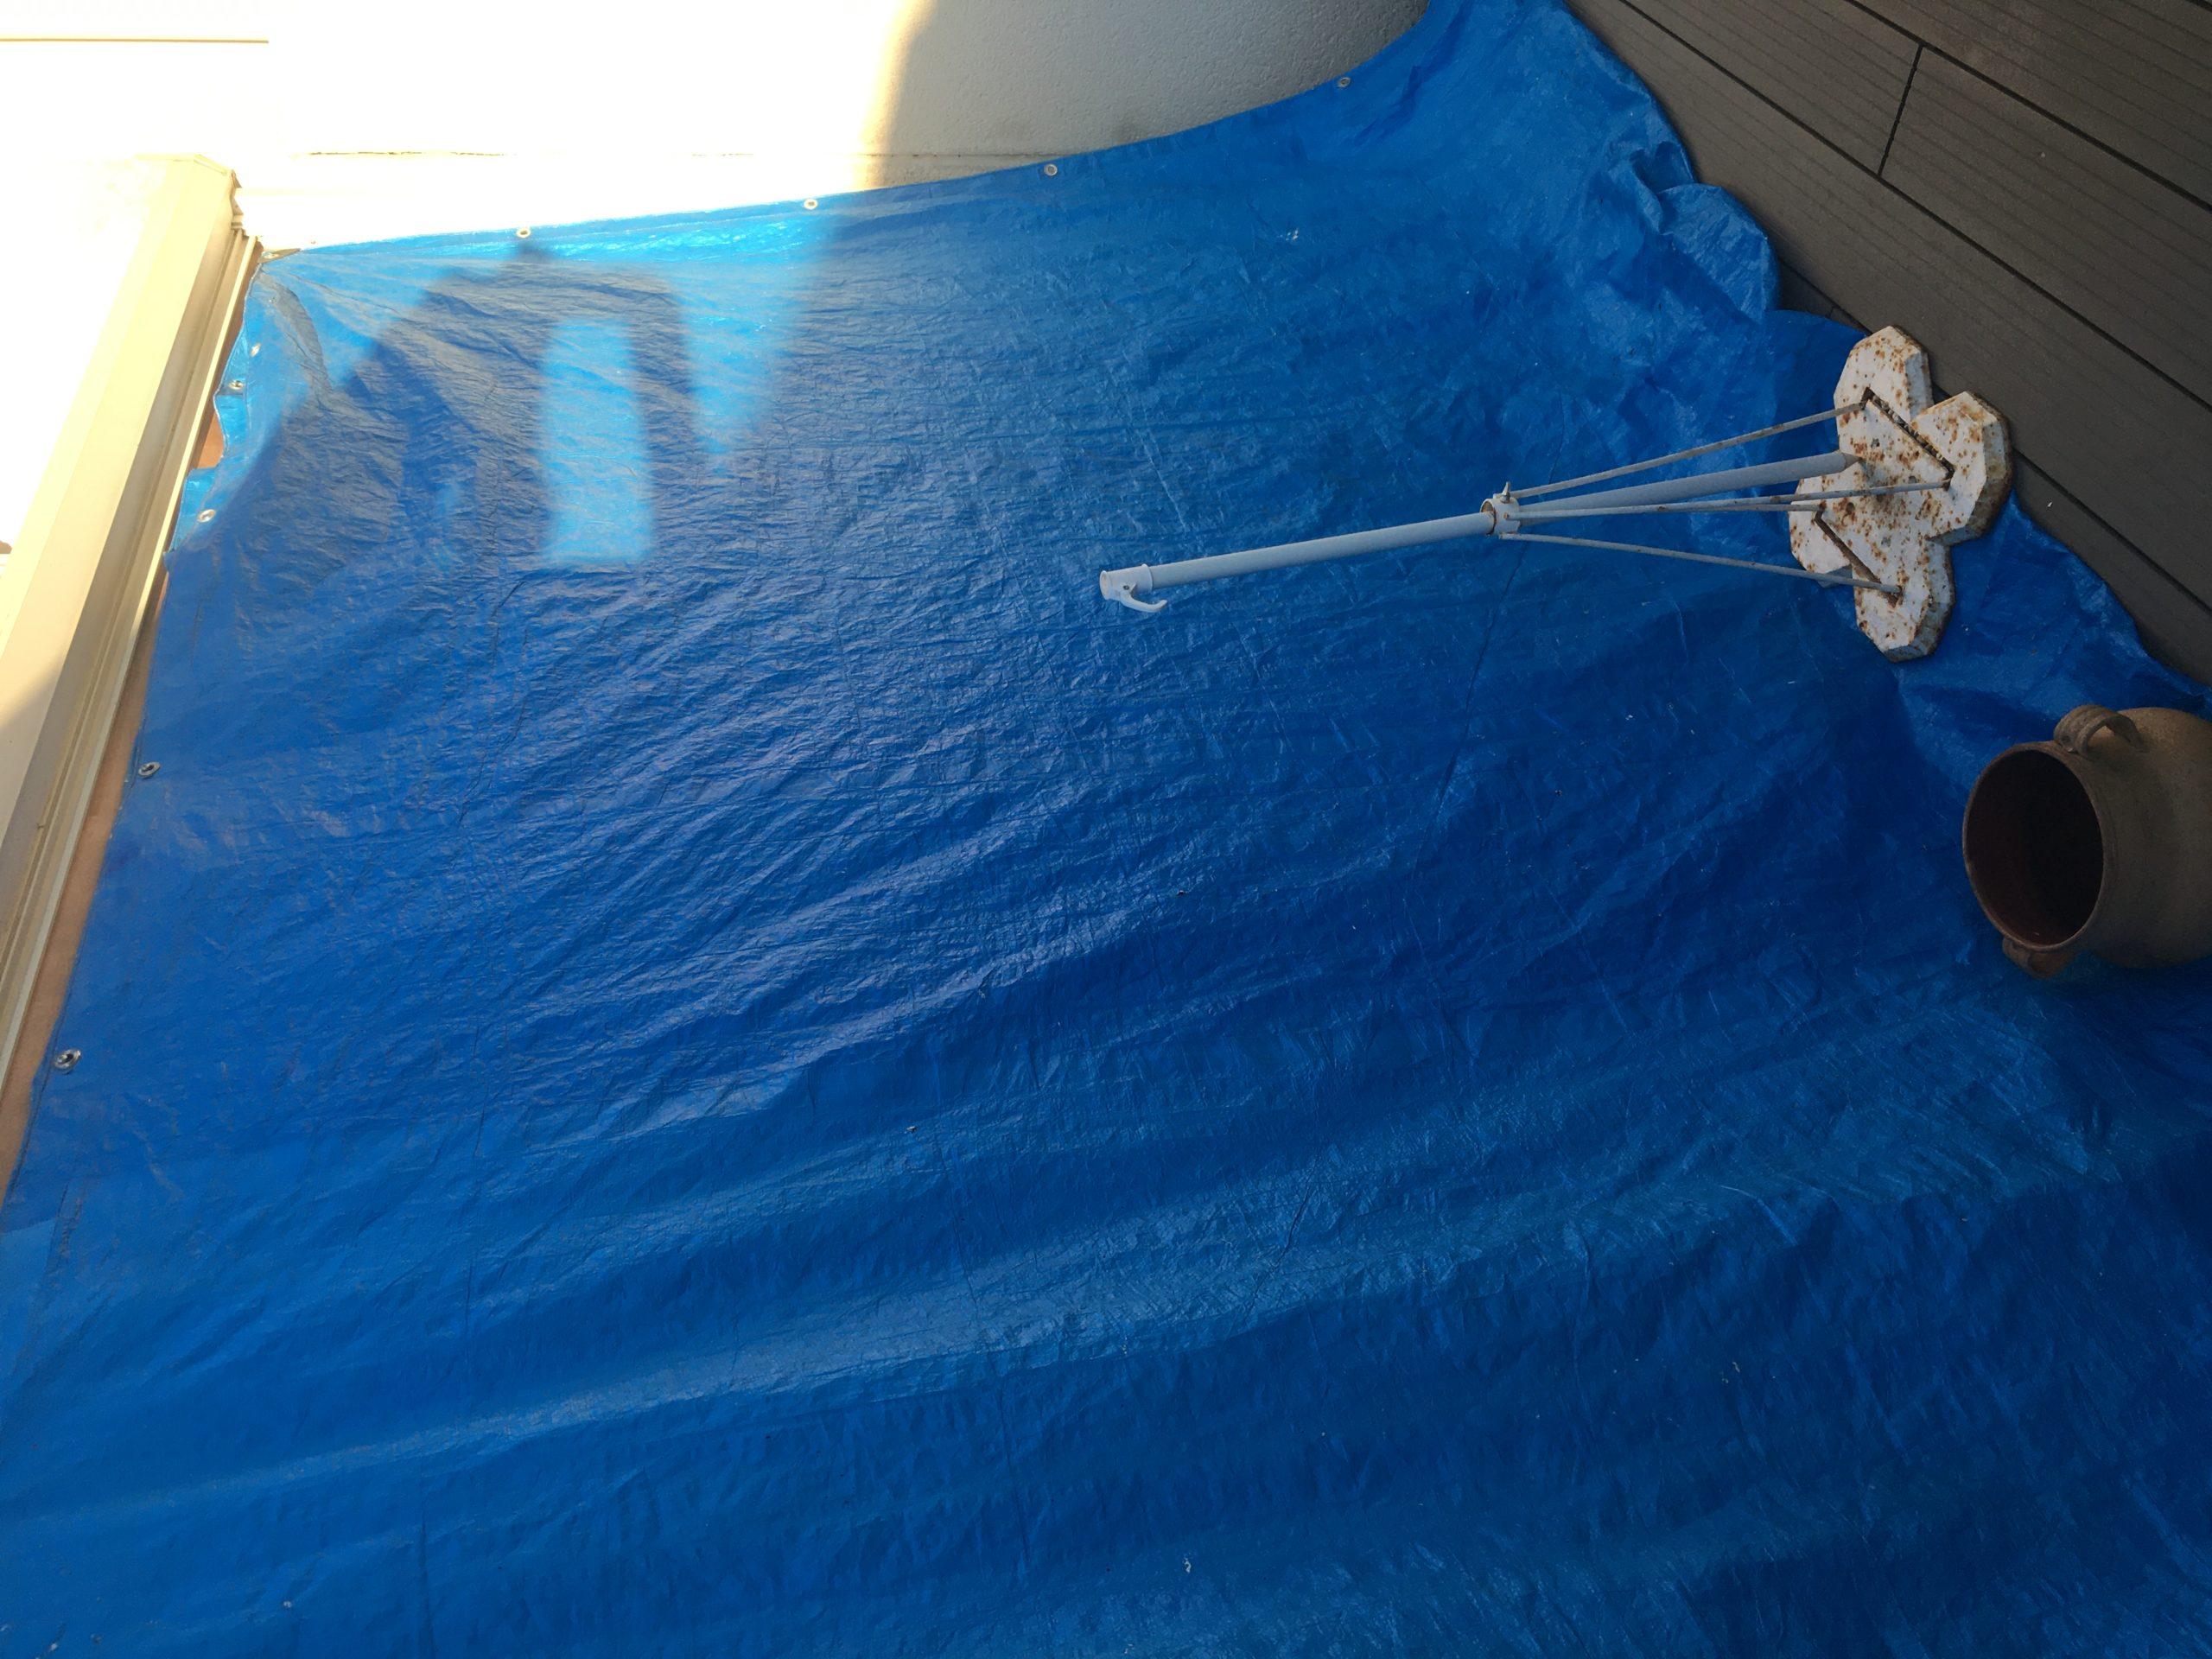 Dépannage avec mise hors d'eau et hors d'air d'une baie vitrée cassée à La Rochelle